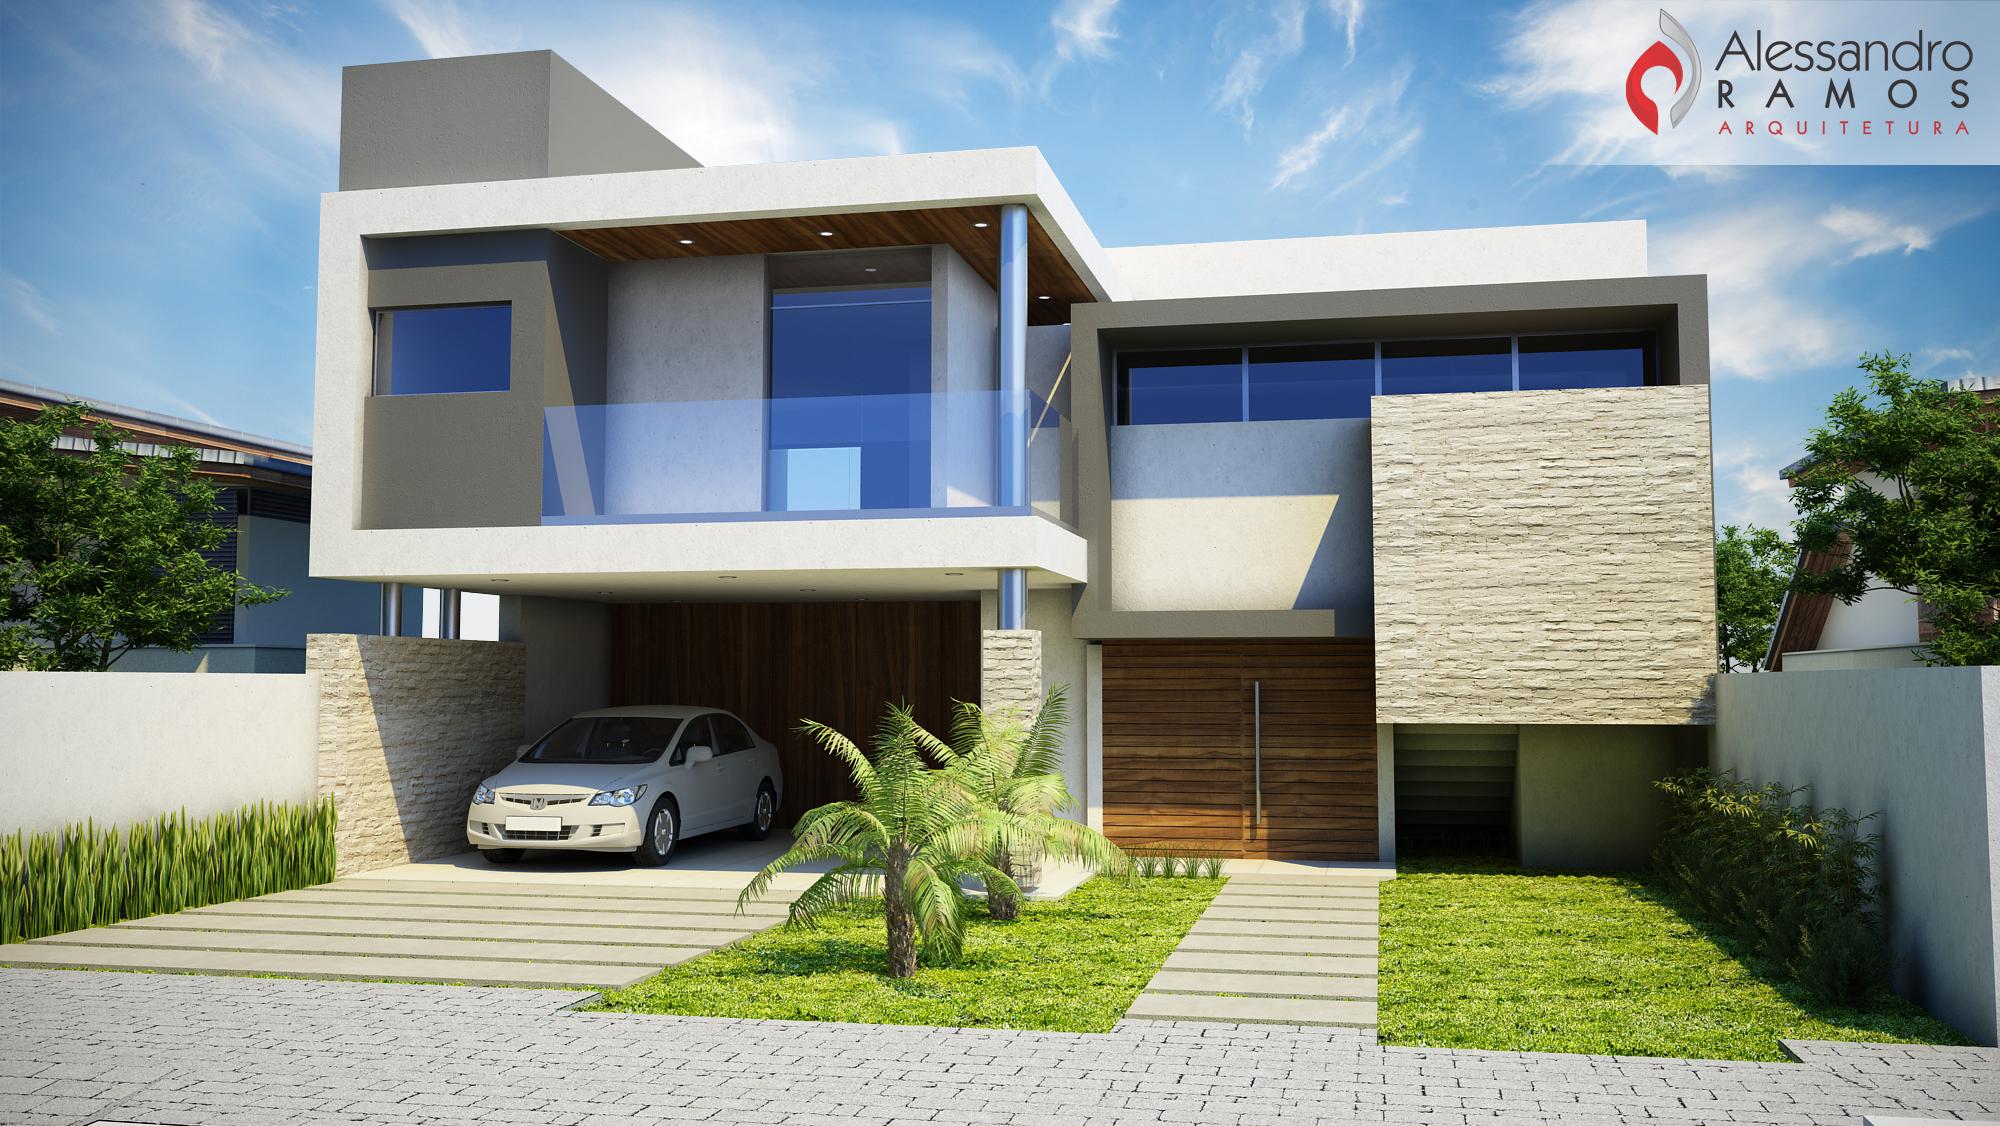 Arquitetura Dourados